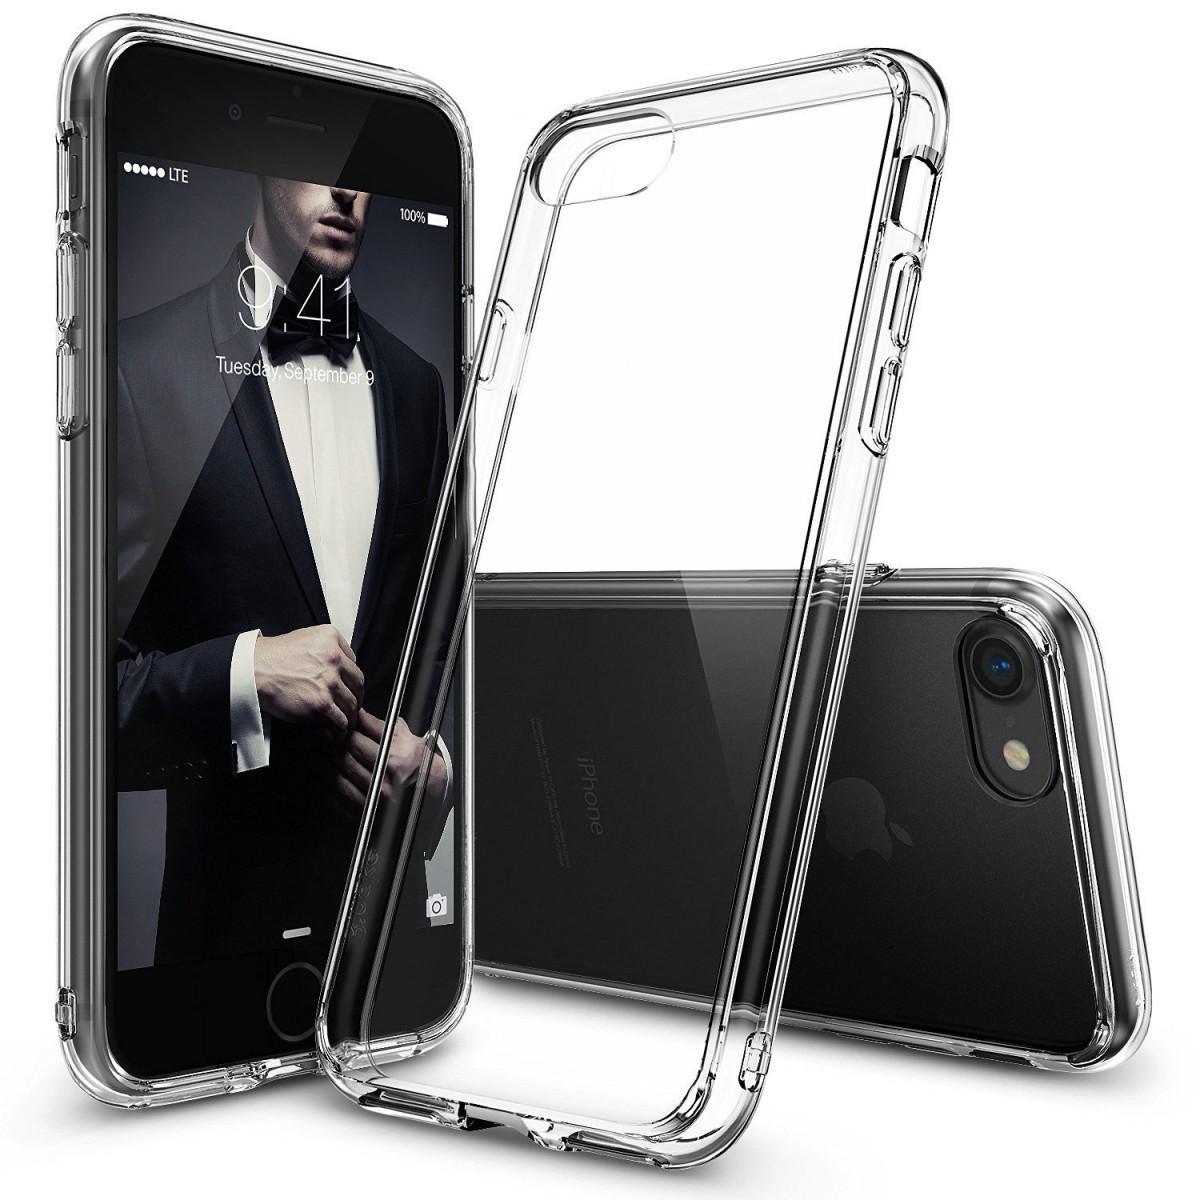 Průhledný čirý obal / kryt Ultra Slim Hybrid pro iPhone 7